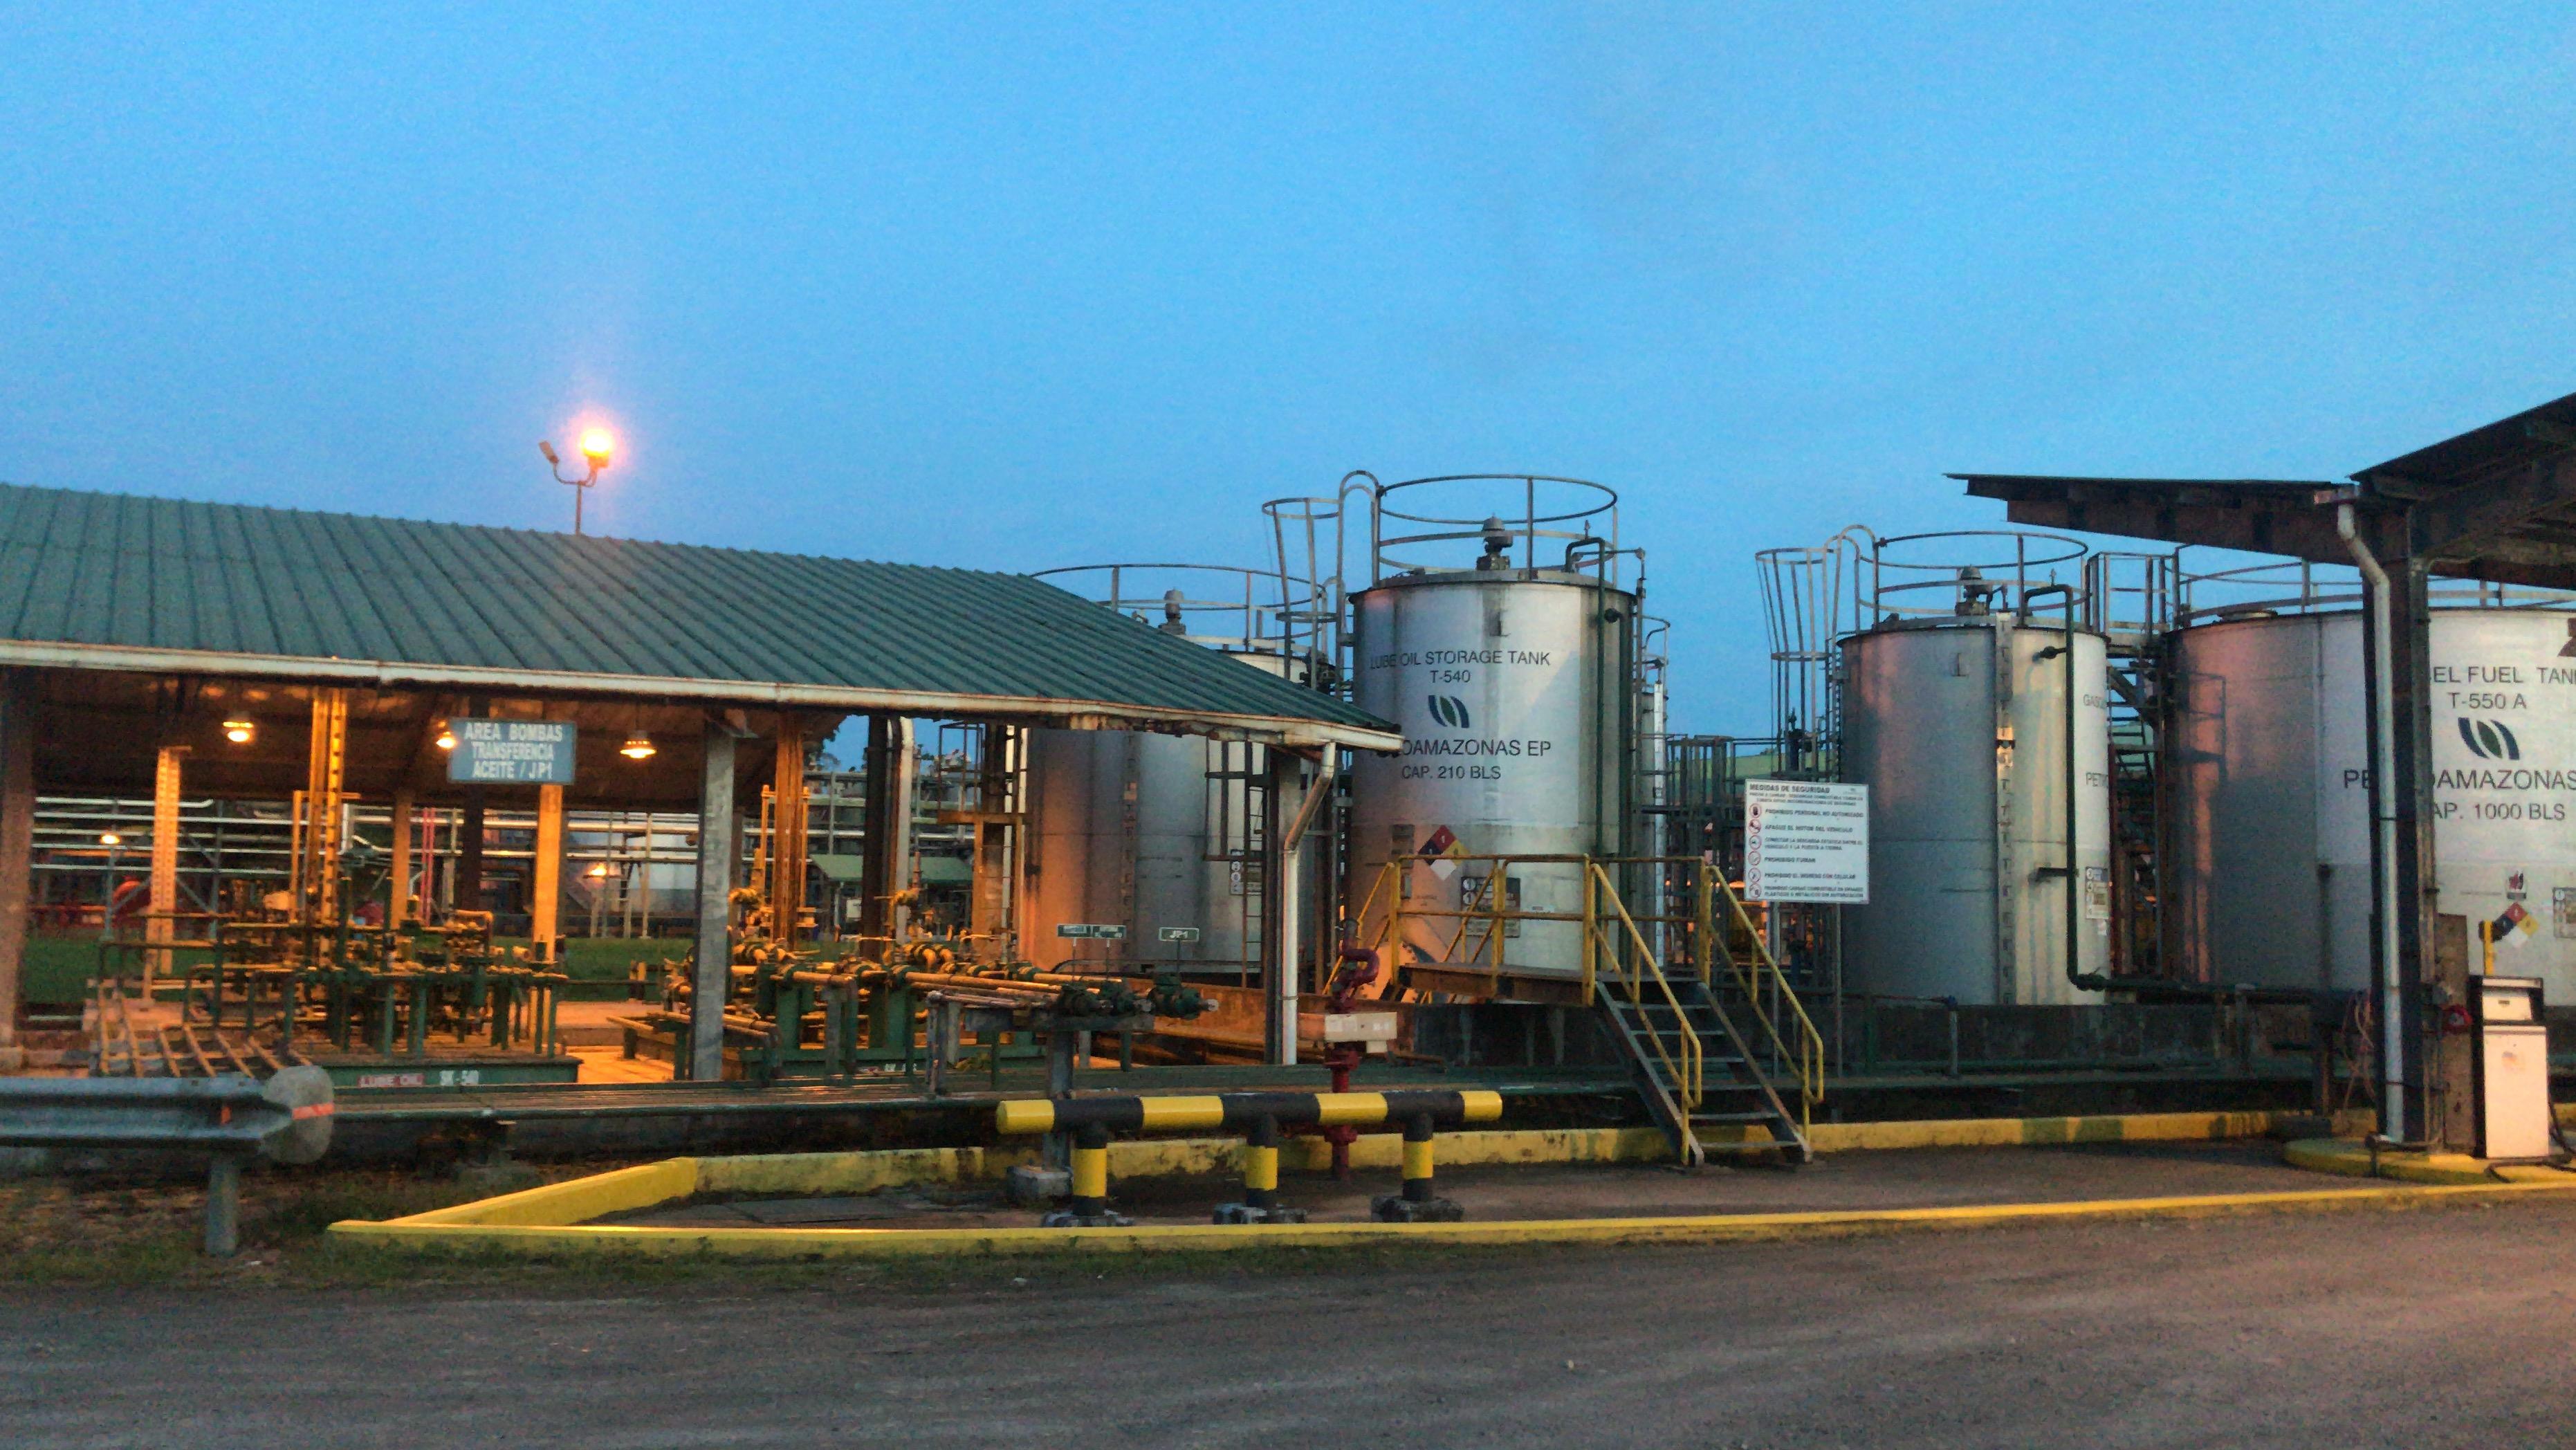 Producción de Petroamazonas EP incrementó 5,42% entre enero y abril del 2019